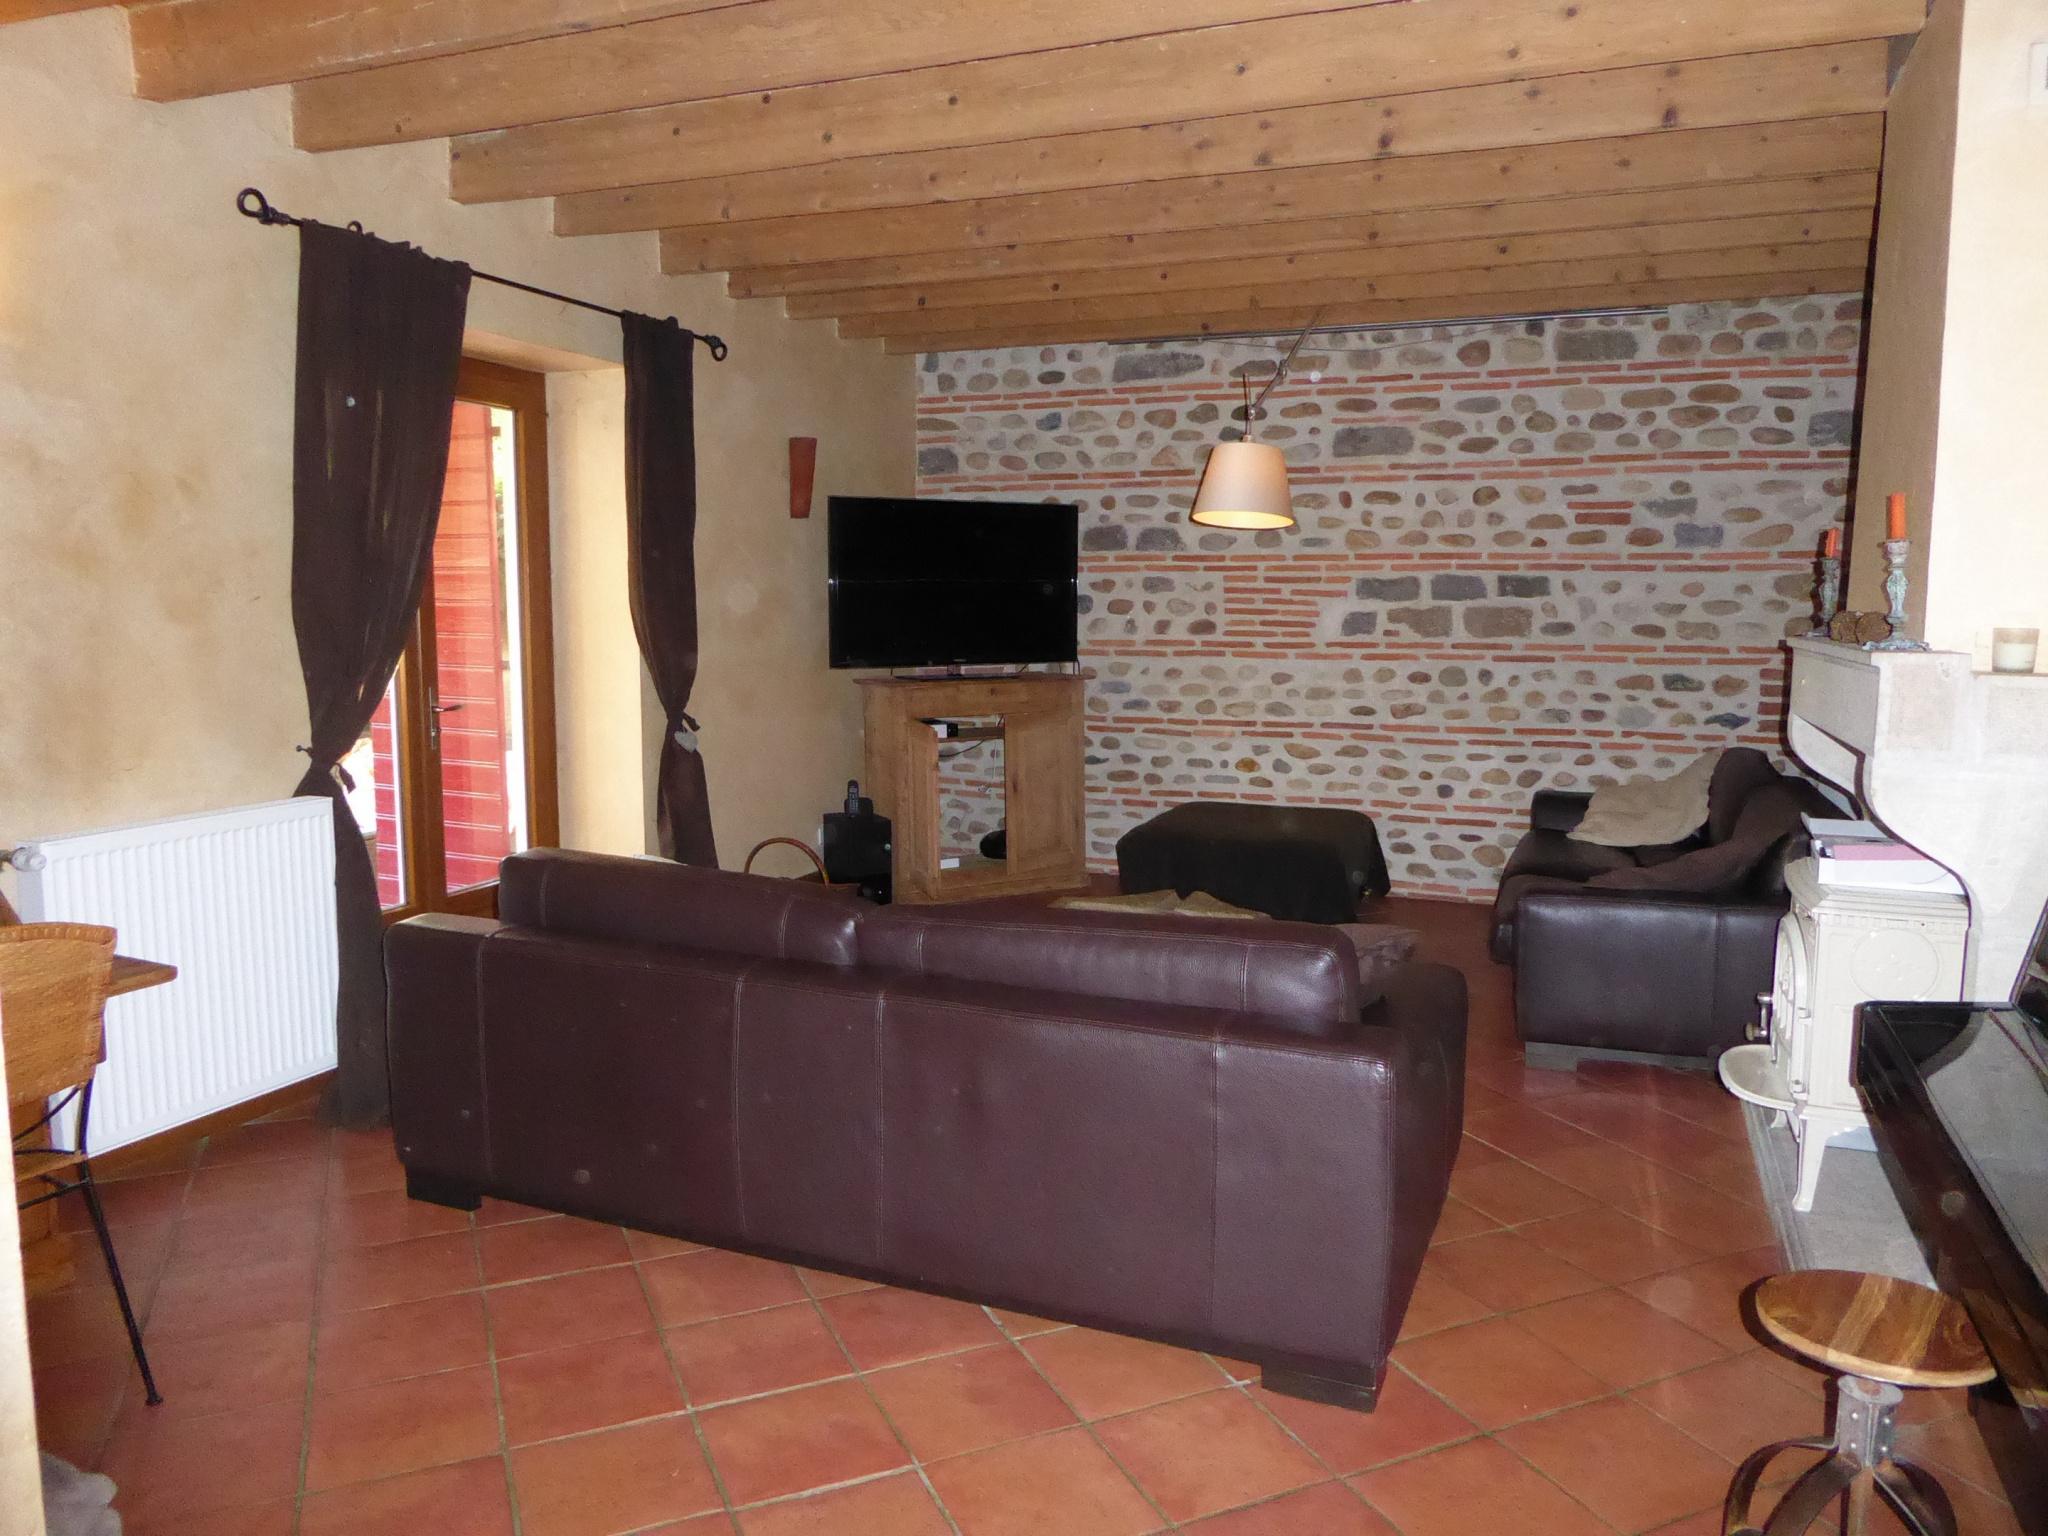 Salon de 27 m² avec cheminée au Rez-de-chaussée.